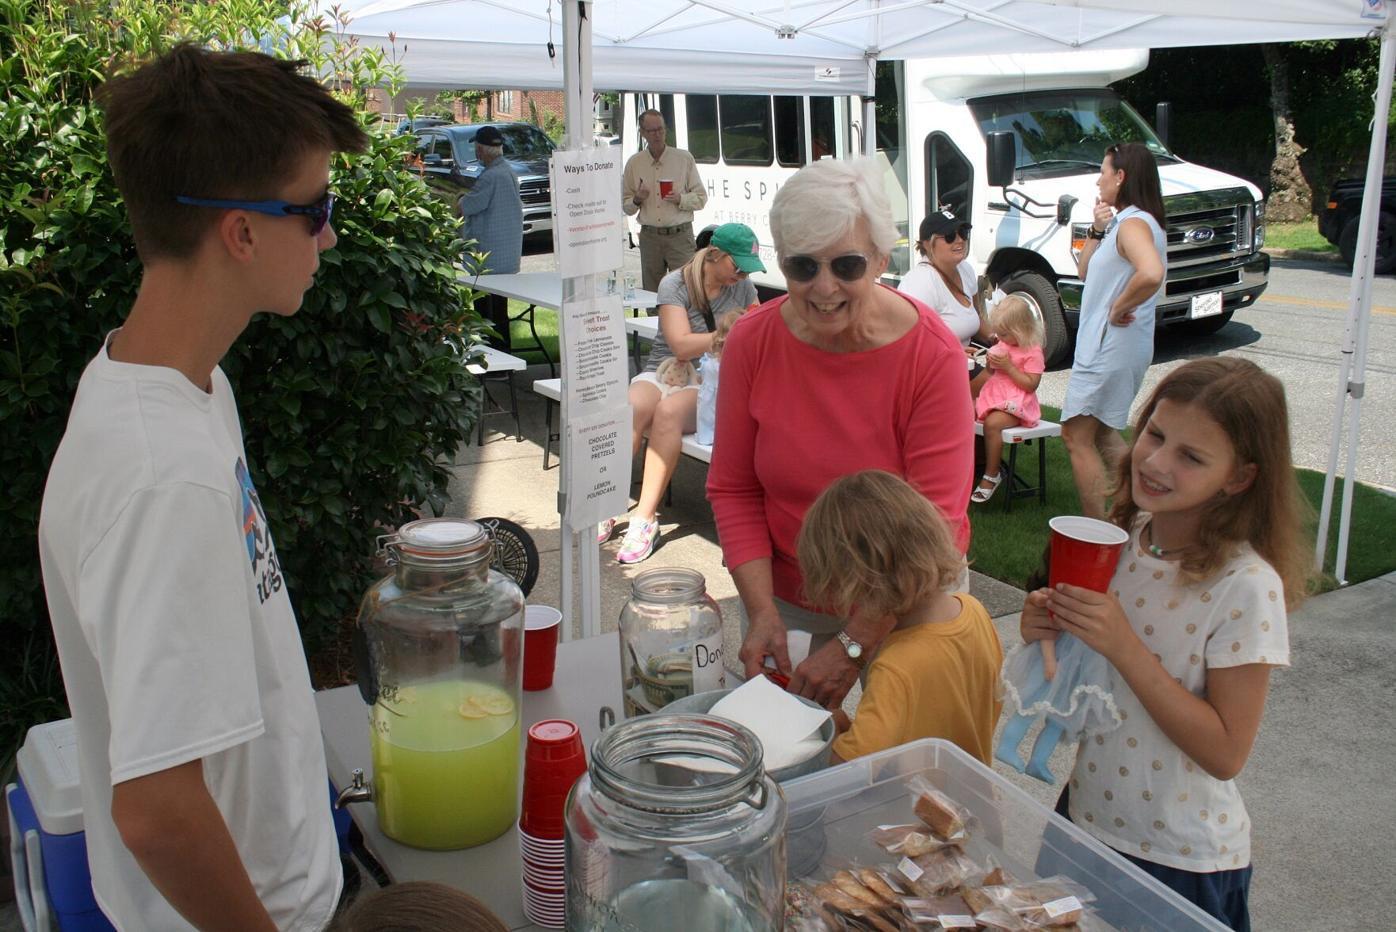 Whit's Lemonade Stand helps beat the heat, raise money for Open Door Home